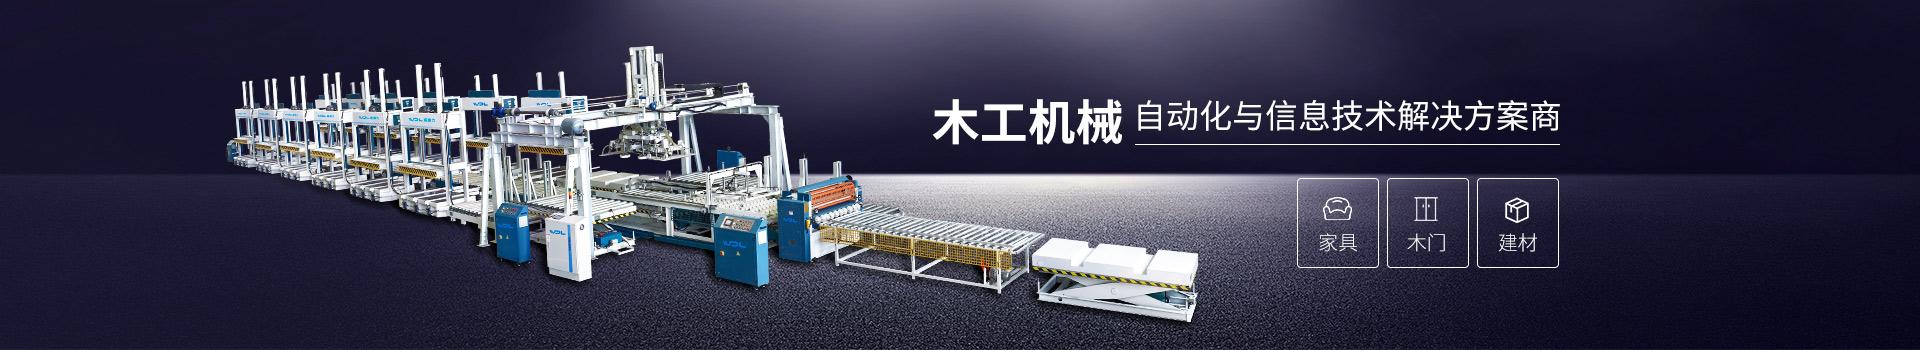 威德力-木工机械自动化与信息技术解决方案商